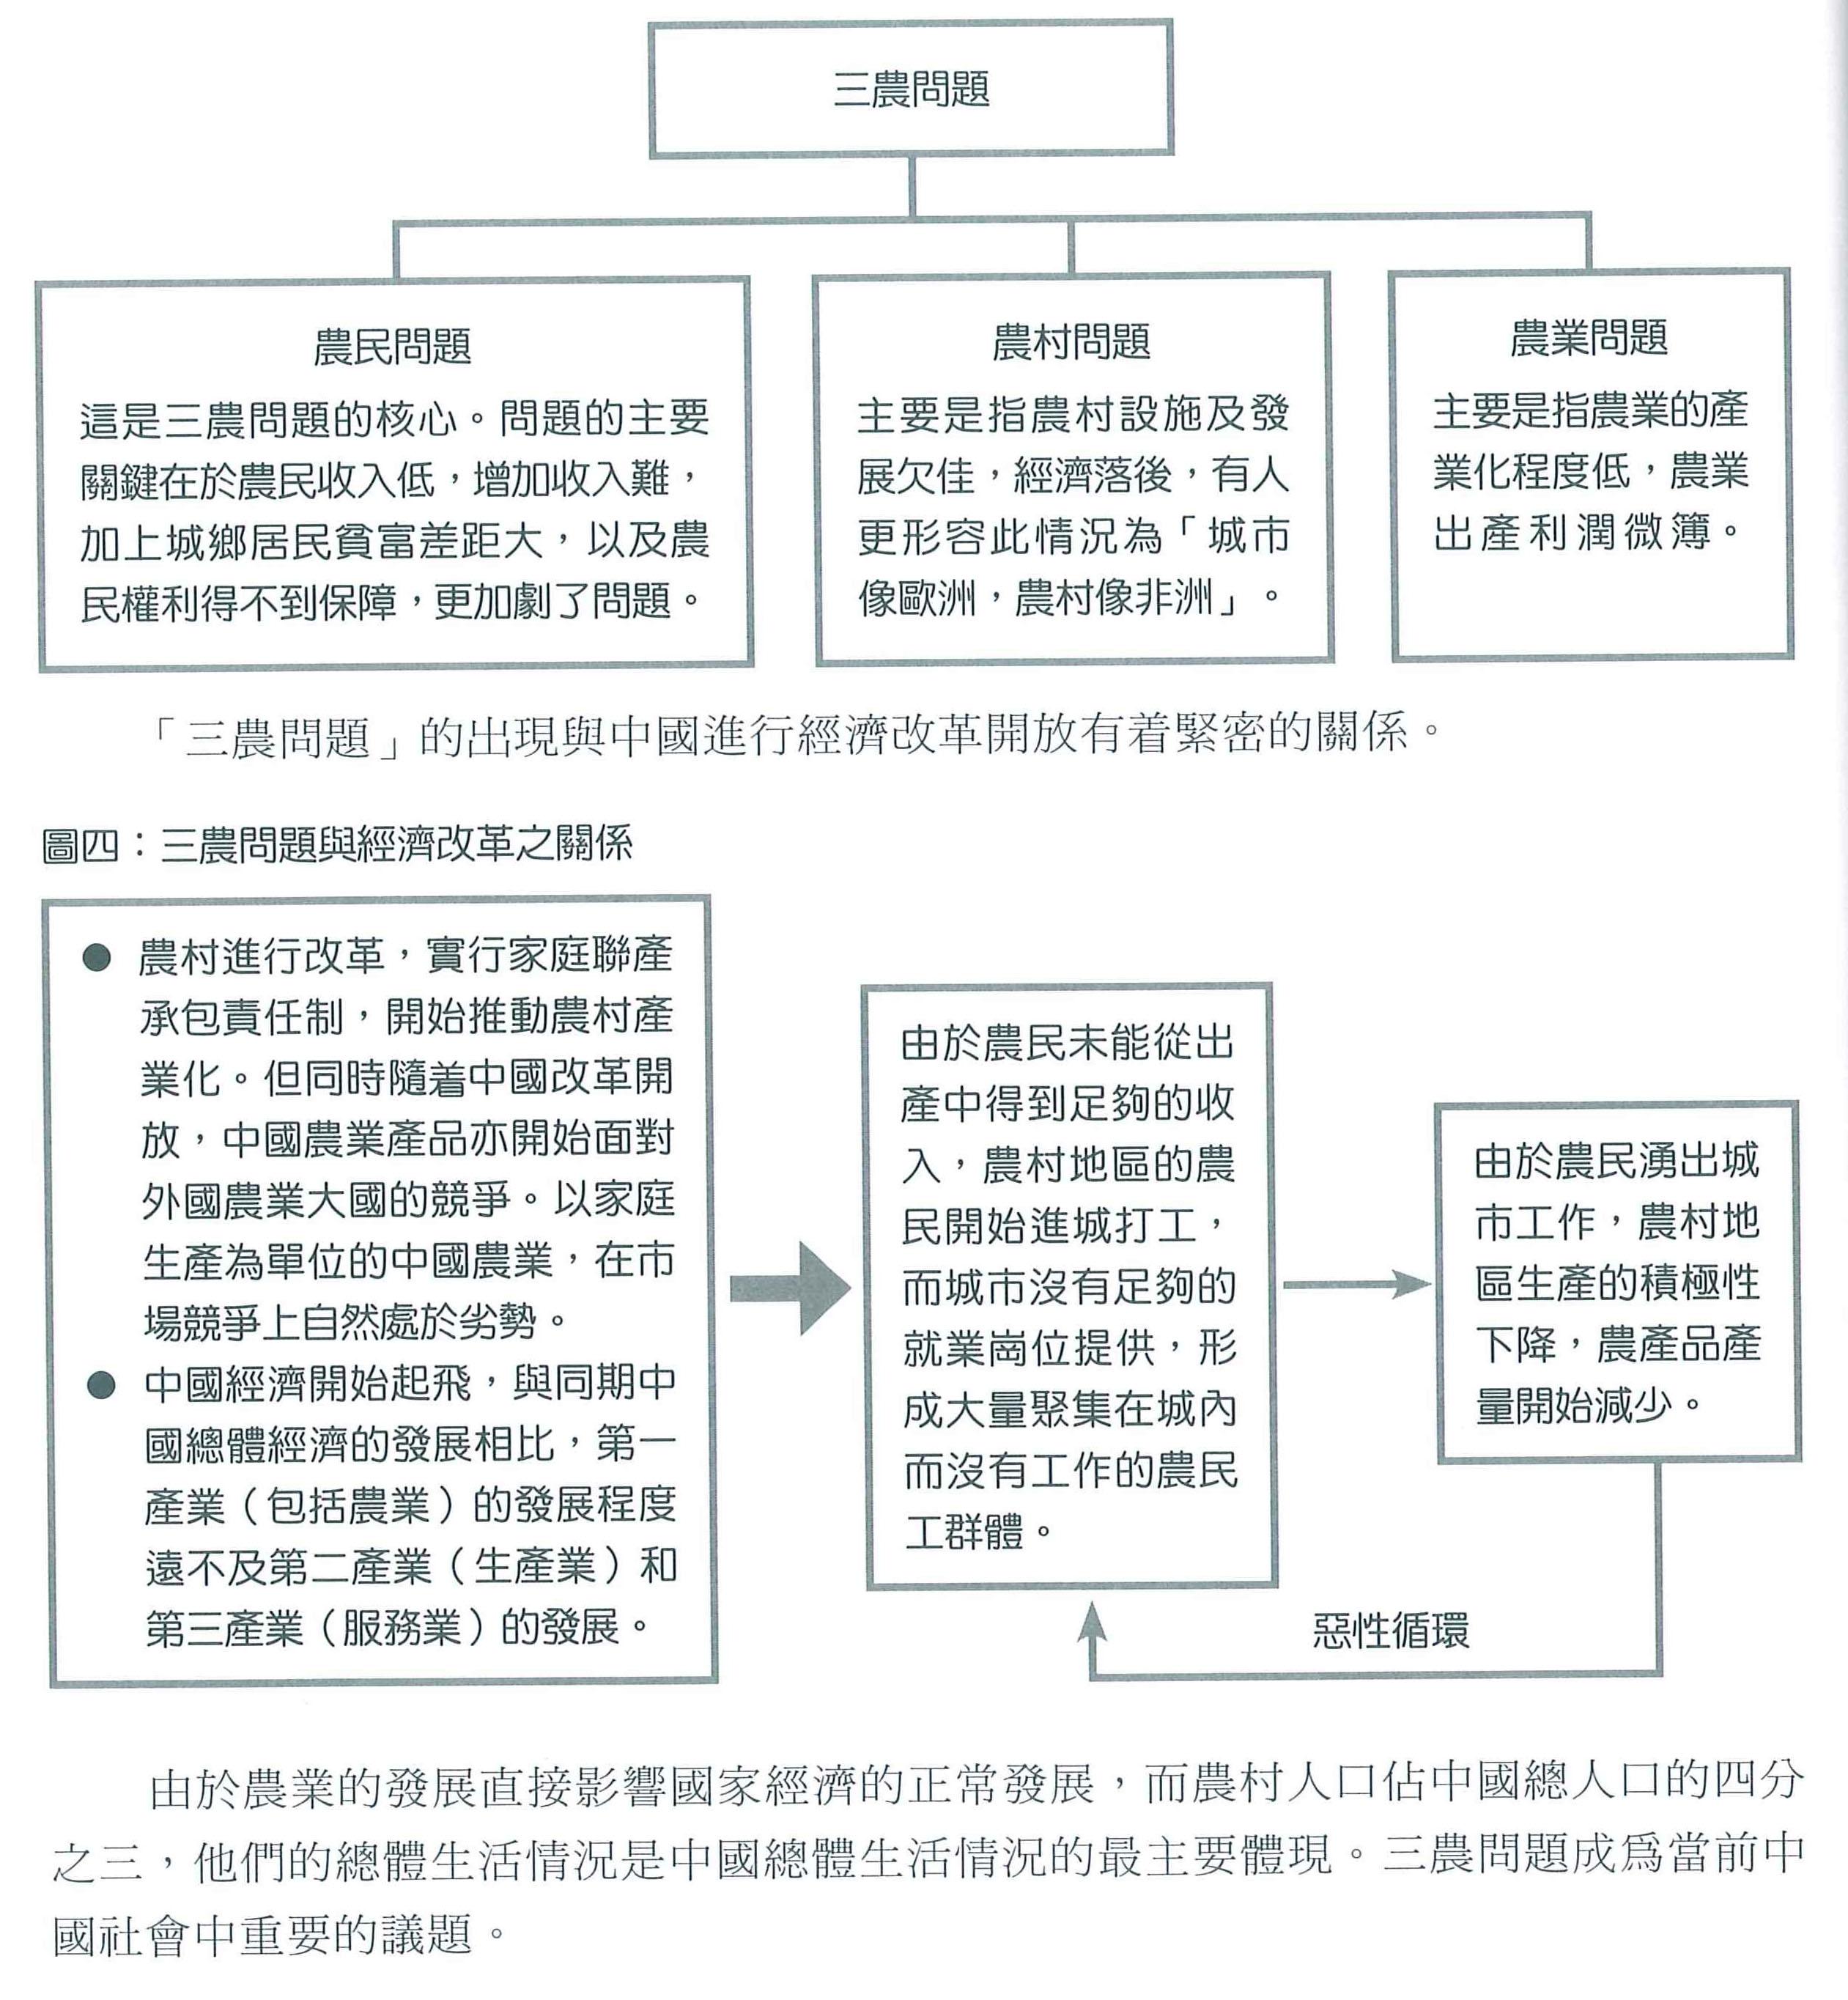 三農問題-三者關係關係圖表   HKDSELS 通識學園